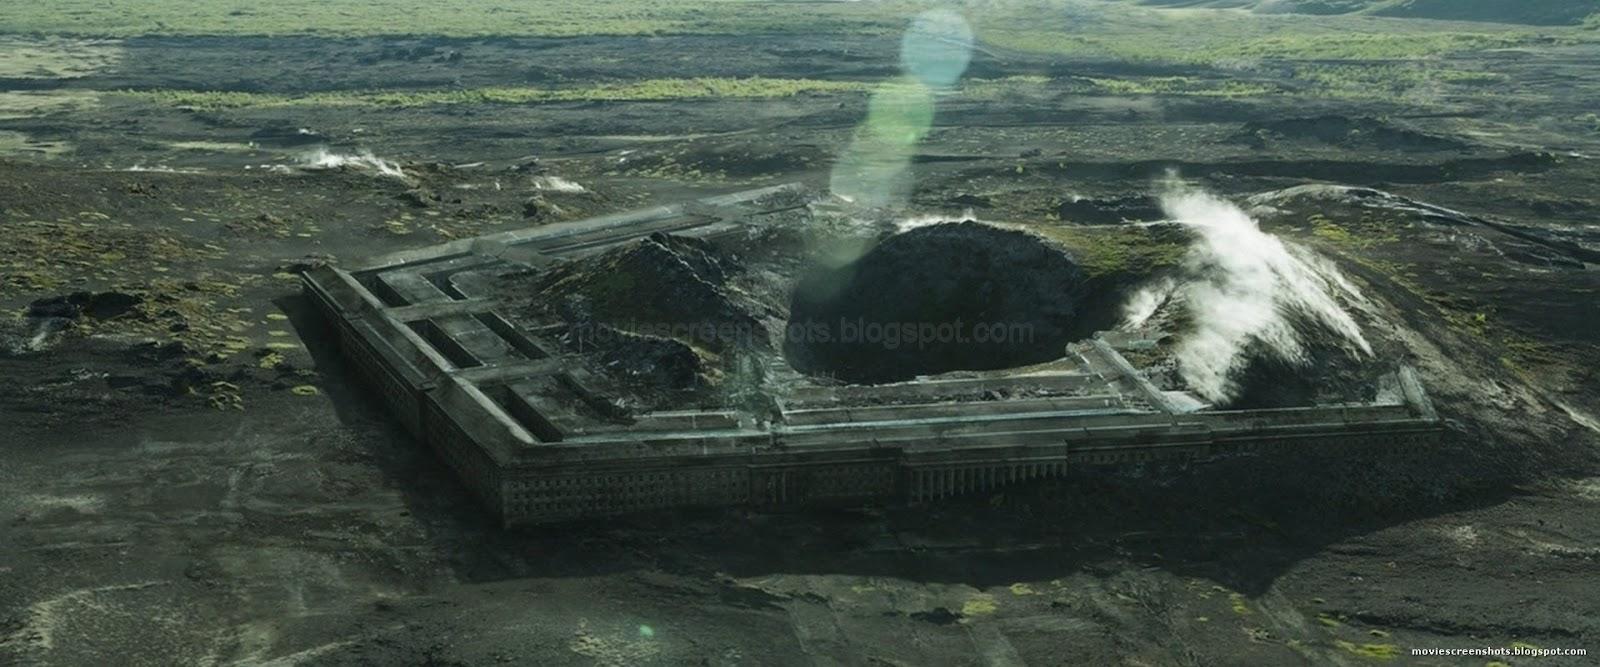 Vagebond S Movie Screenshots Oblivion 2013